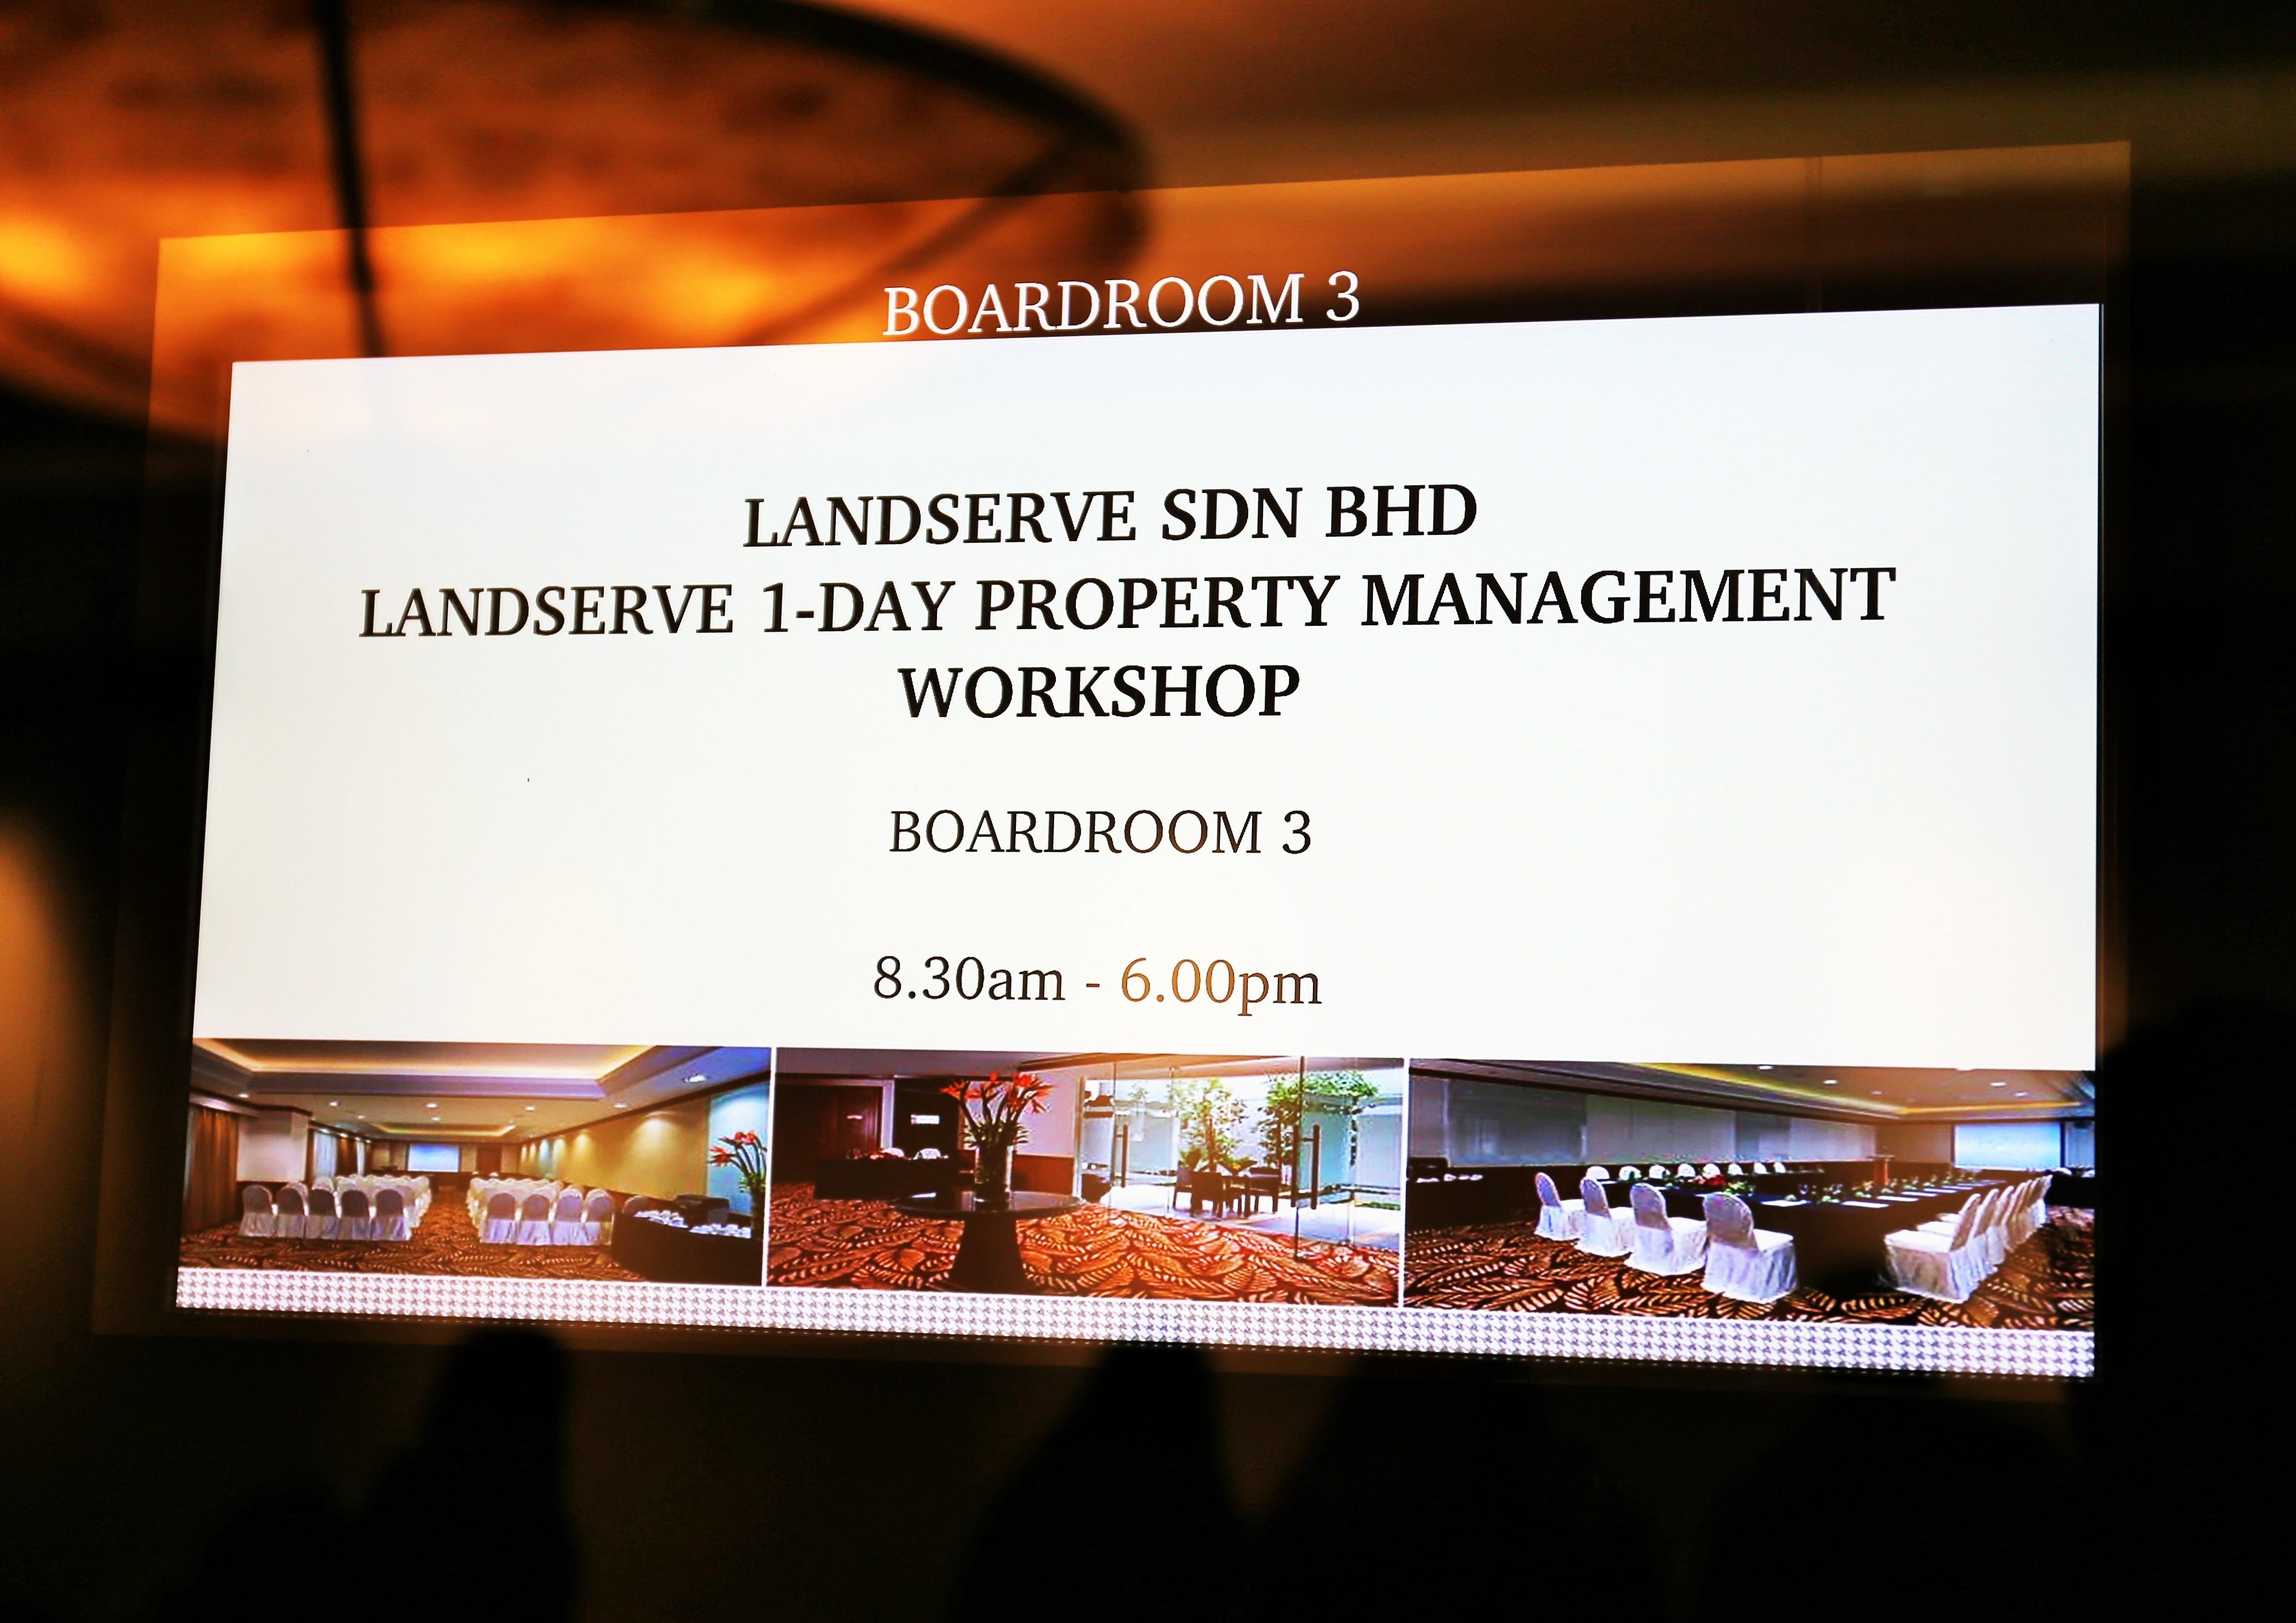 LandServe 1-Day Property Management Workshop